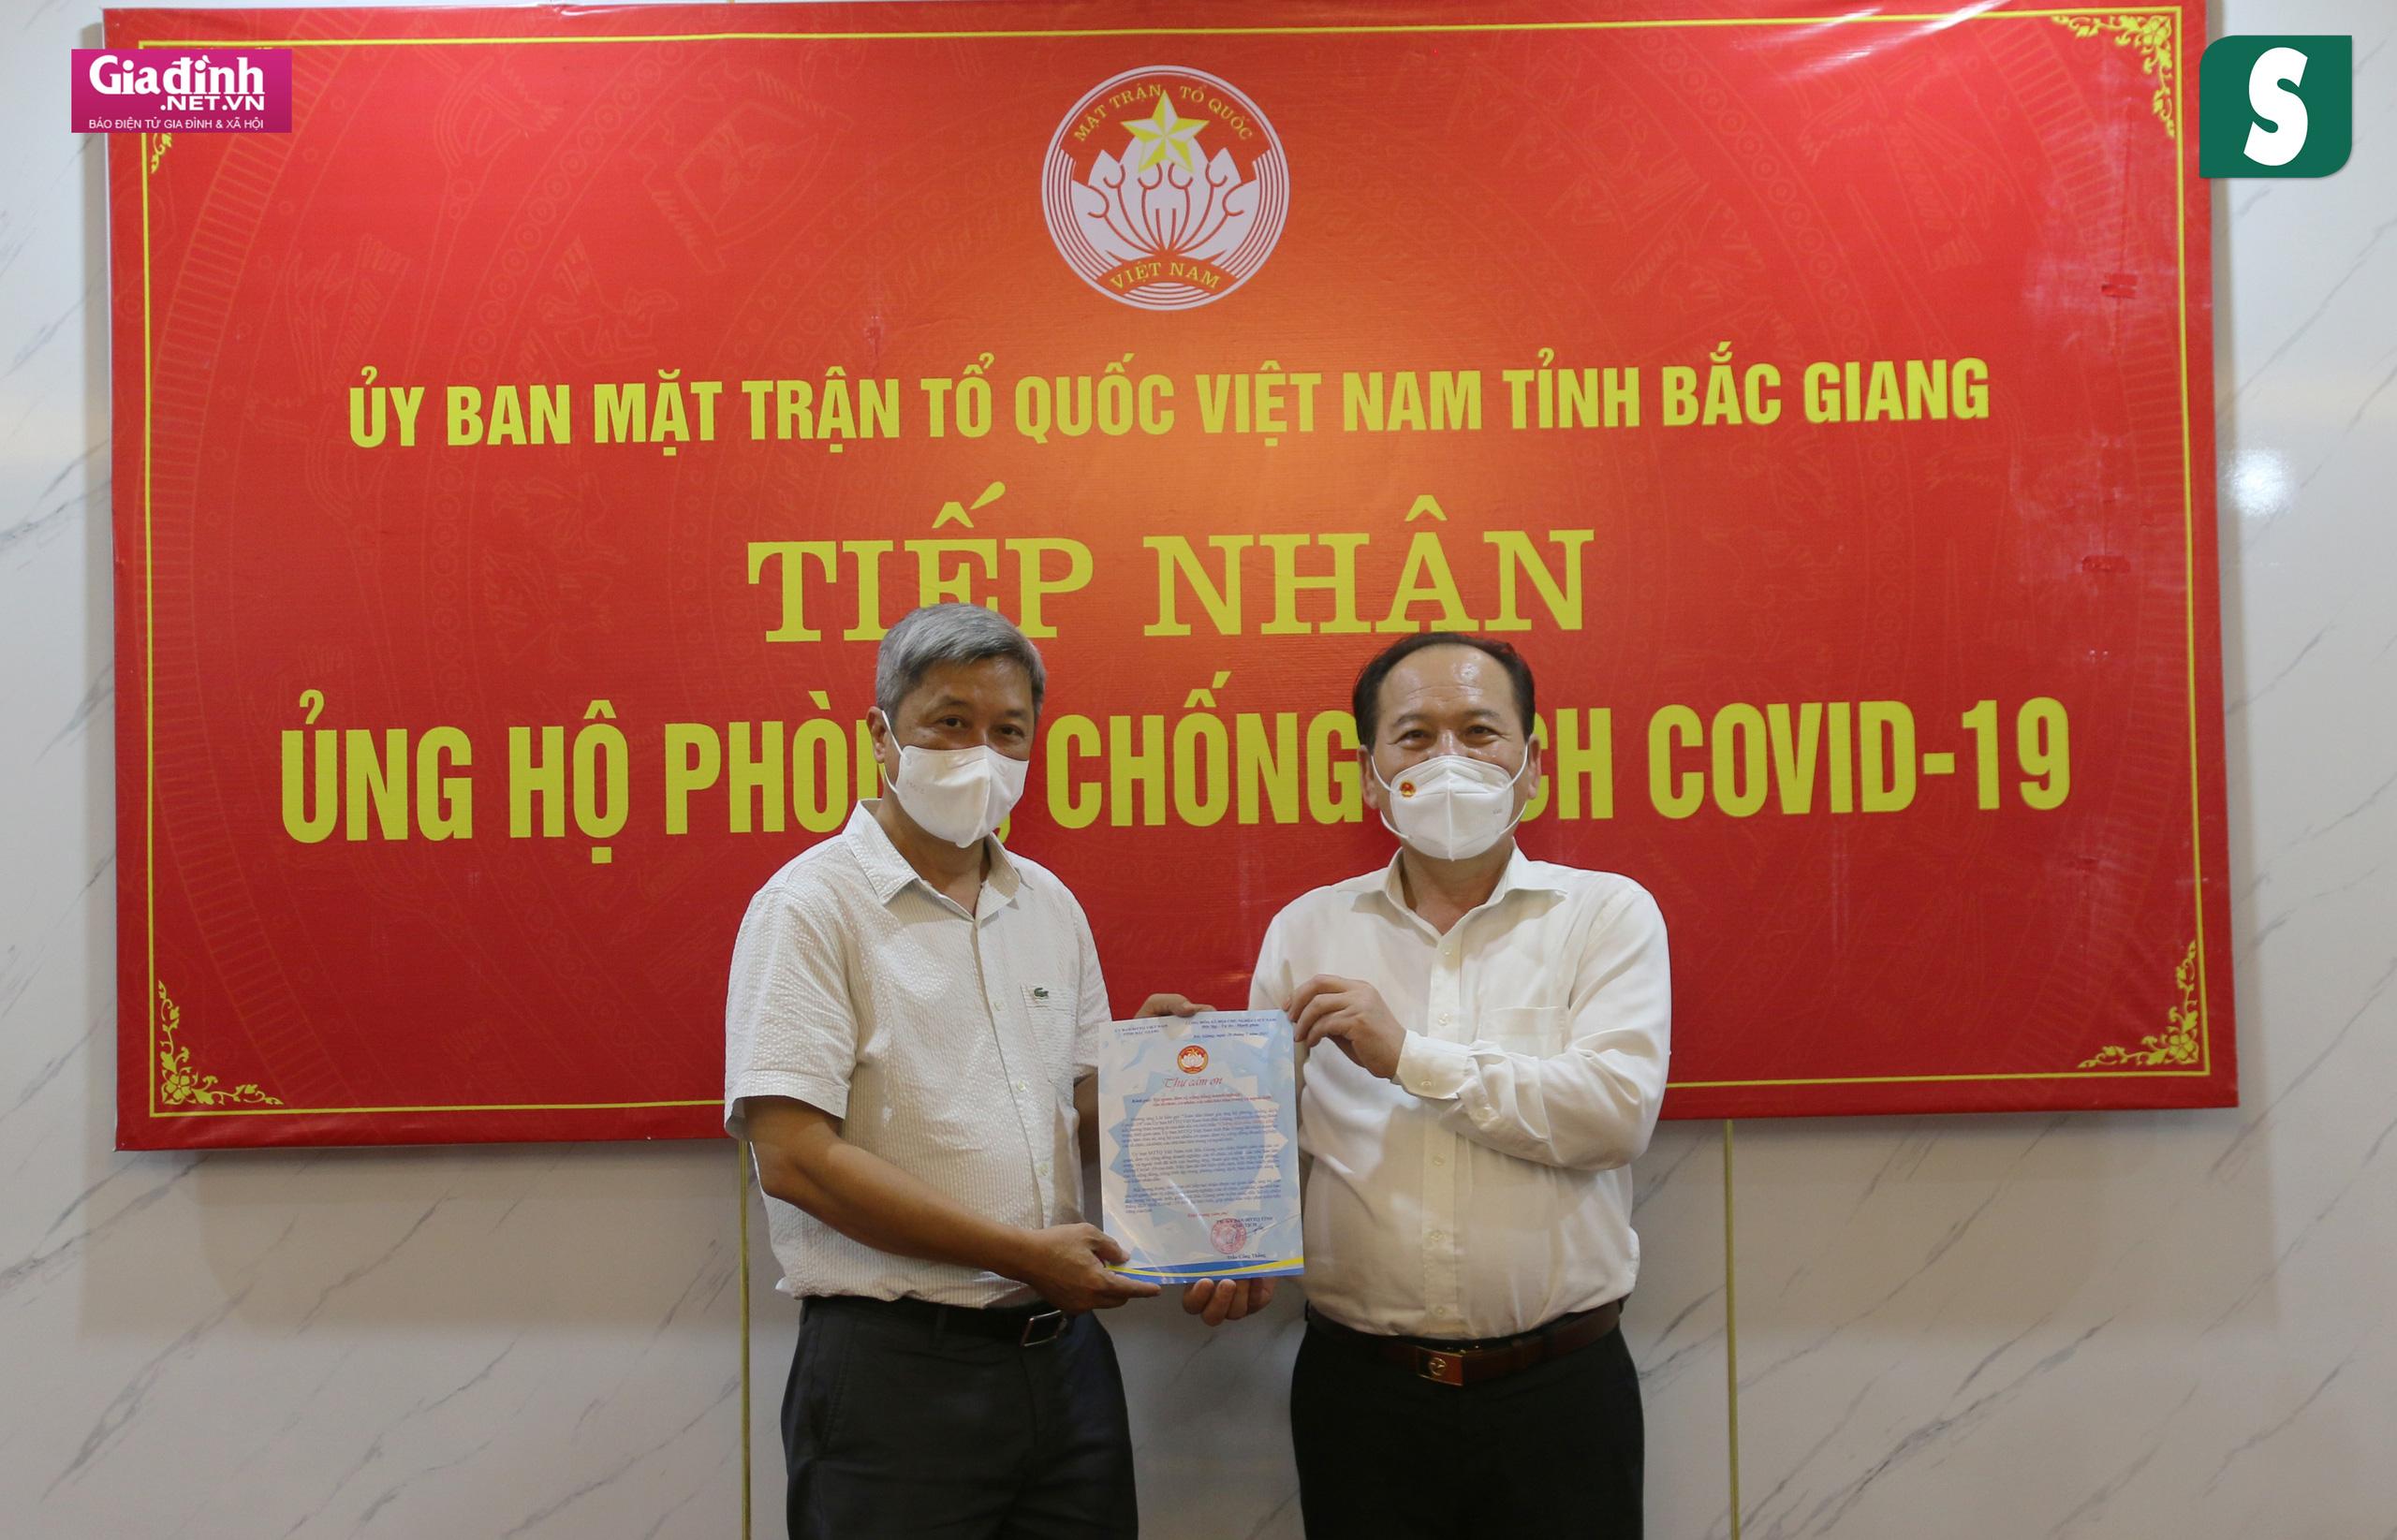 Báo Sức khỏe & Đời sống và Báo Gia đình & Xã hội kêu gọi hơn 1,8 tỷ đồng hỗ trợ Bắc Giang, Bắc Ninh chống dịch - Ảnh 7.